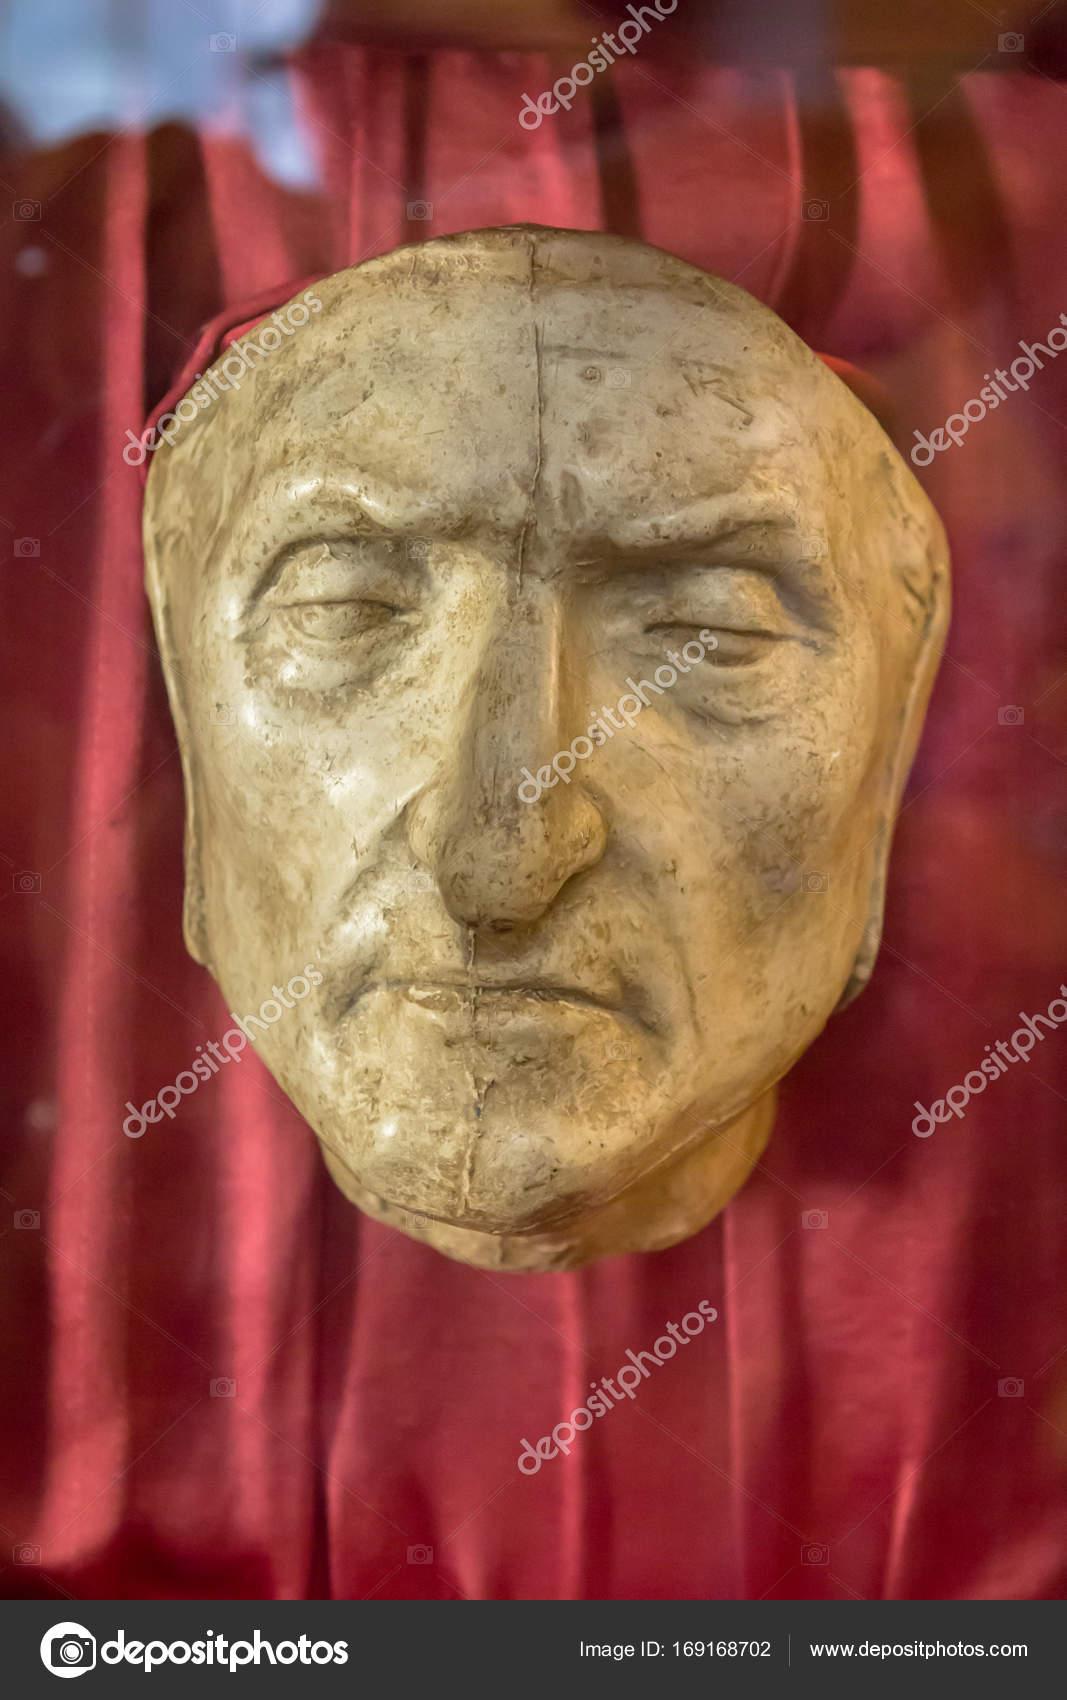 2019 professionnel plutôt sympa original Masque mortuaire de Dante Alighieri à Florence, Italie ...